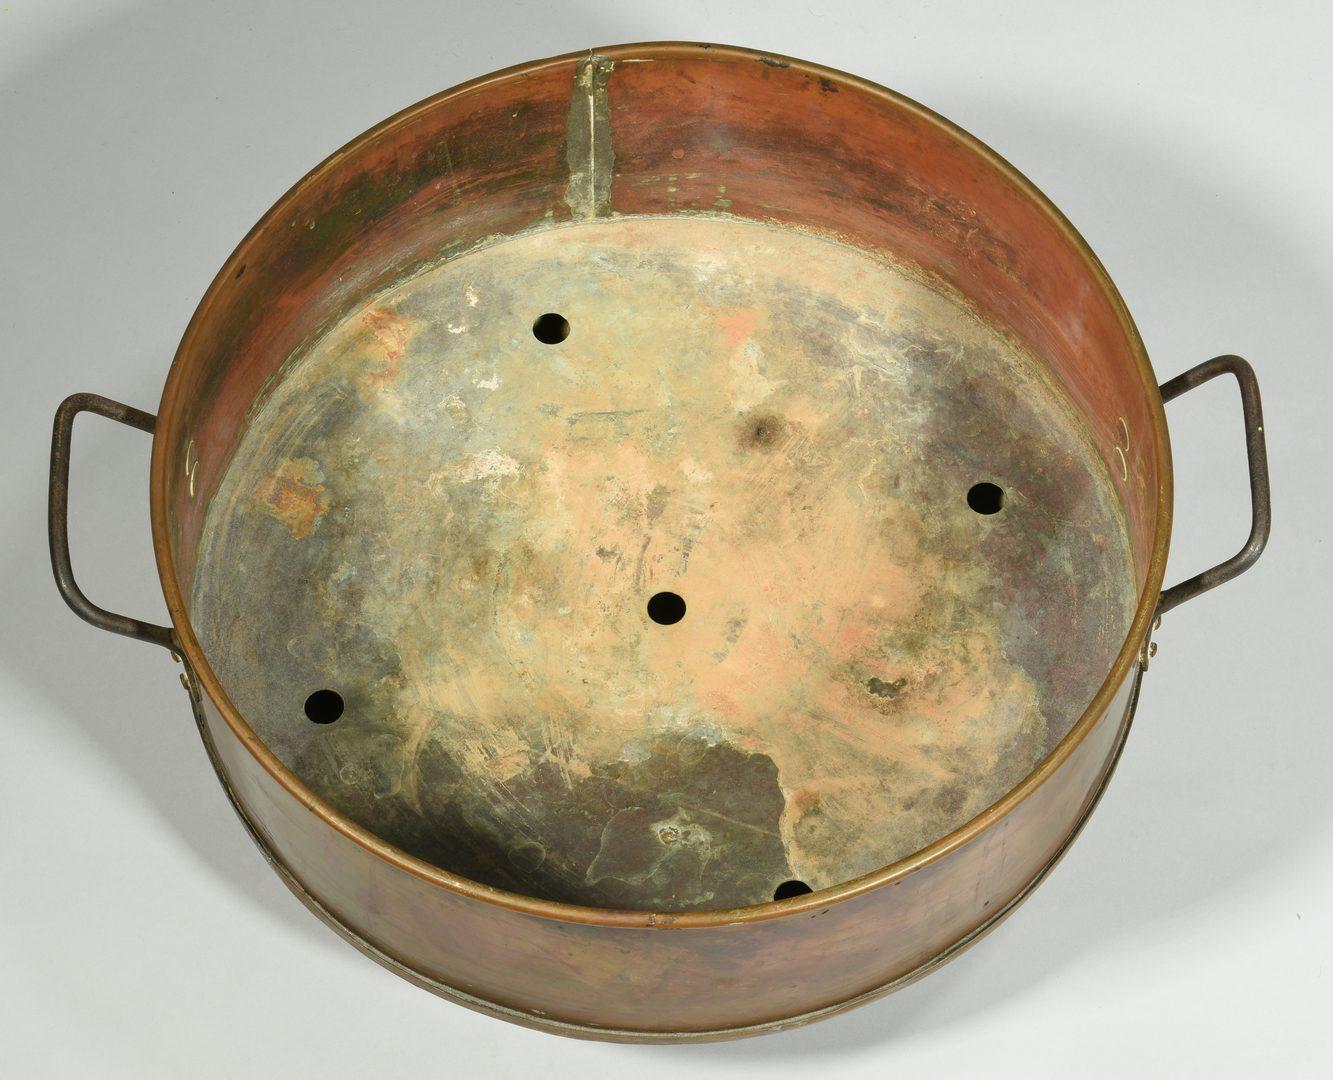 Lot 607: Copper & Iron Jardiniere